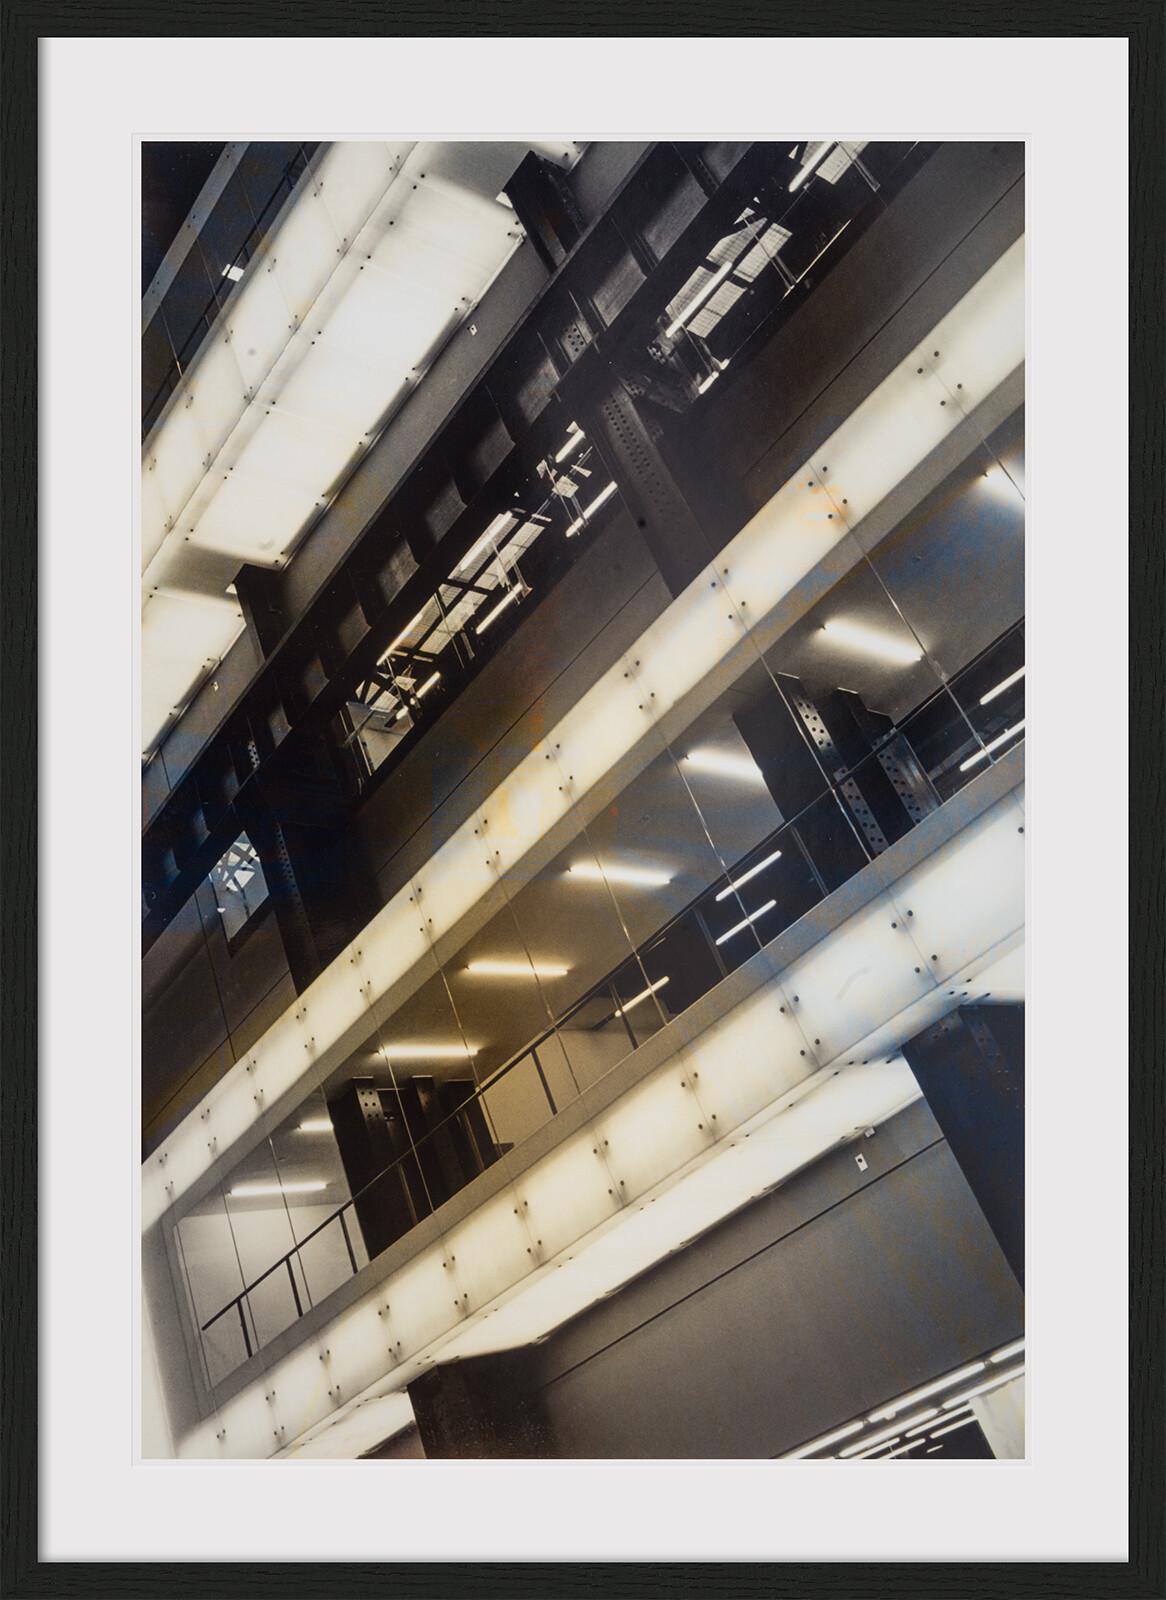 Tate 01 - Thomas Ruff